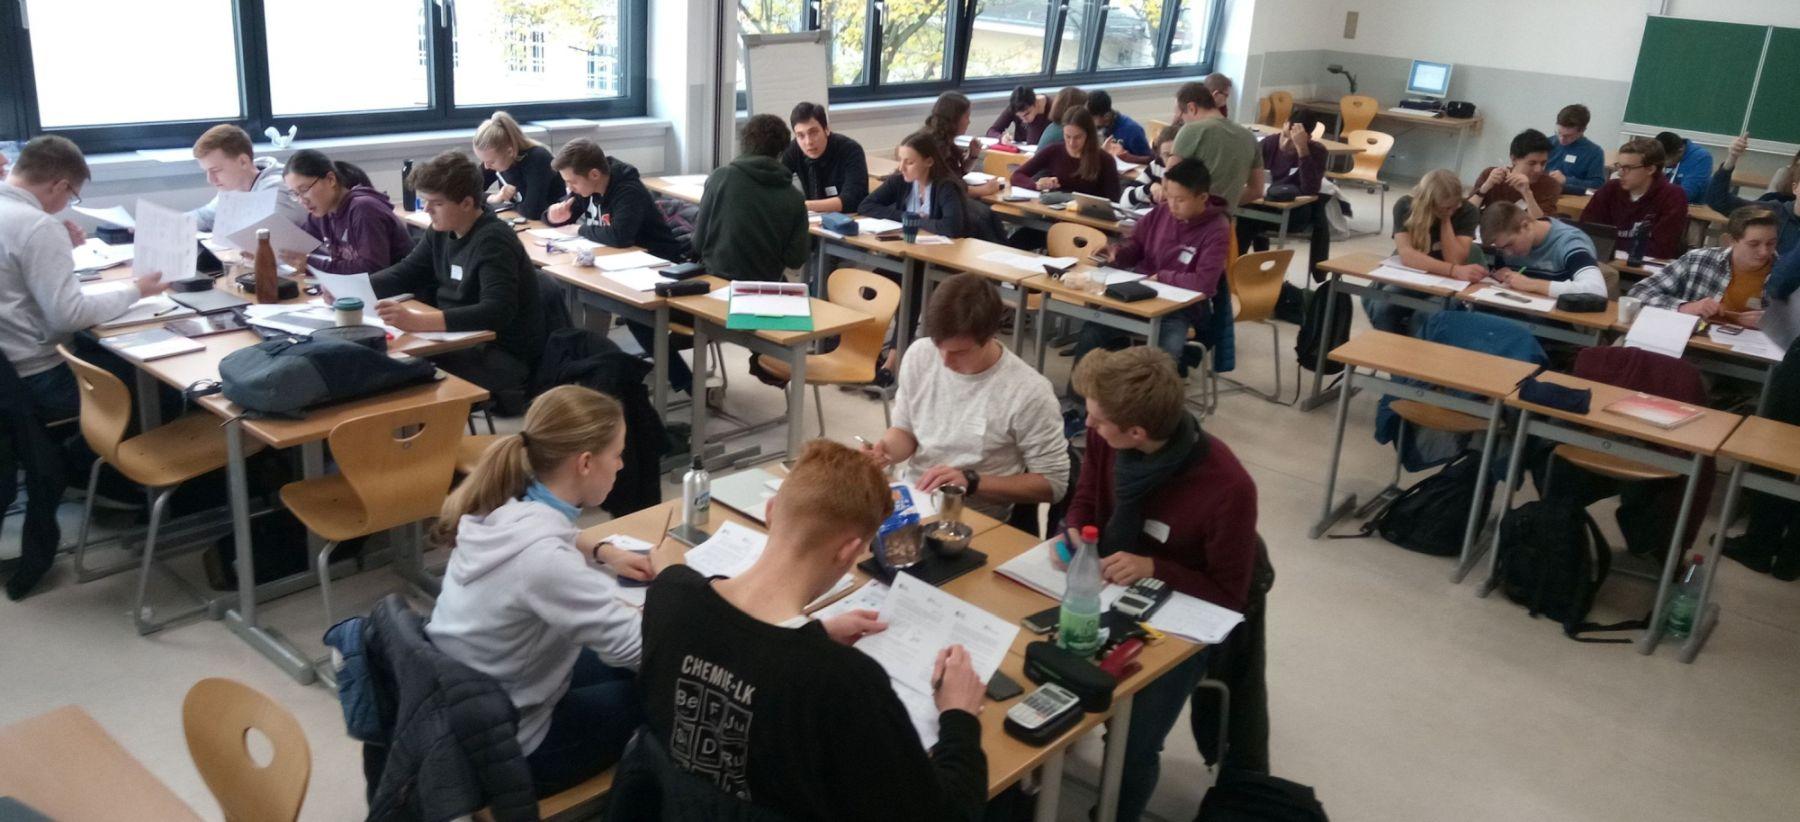 IChO 2020 Vorbereitungsseminar Runde 2 FvS